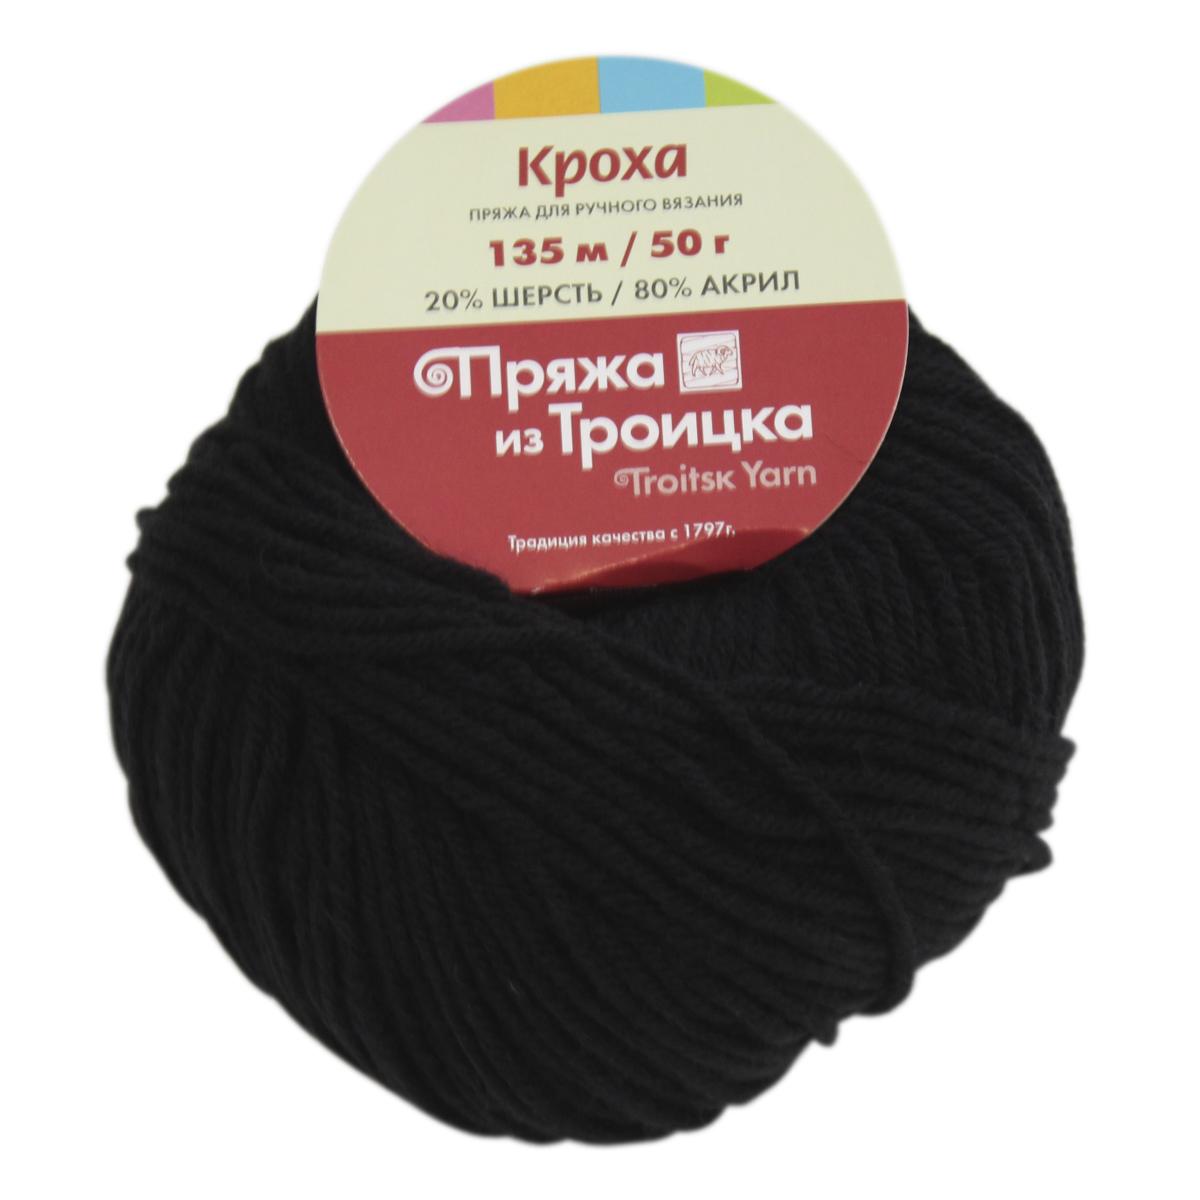 Пряжа для вязания Кроха, 50 г, 135 м, цвет: 0140 черный, 10 шт366015_0140